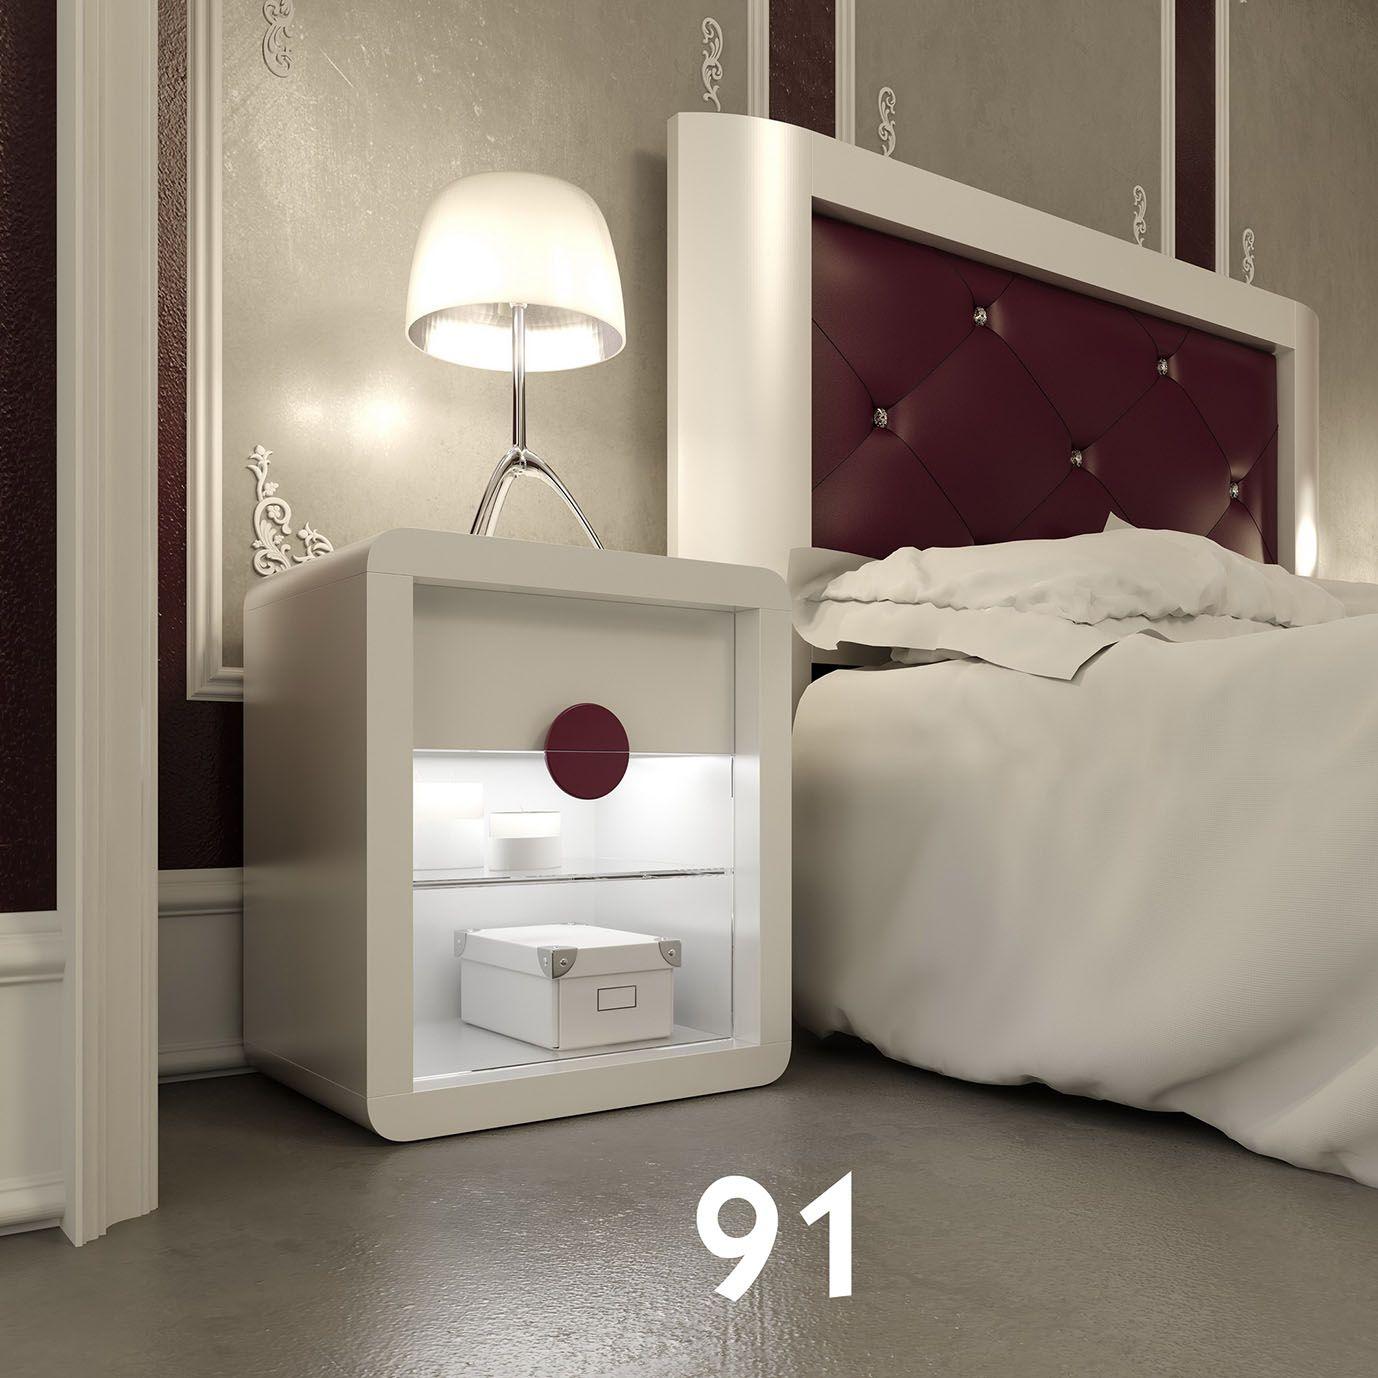 Pin de Jason Mun en Bedroom | Pinterest | Cabeceros, Dormitorio y Camas